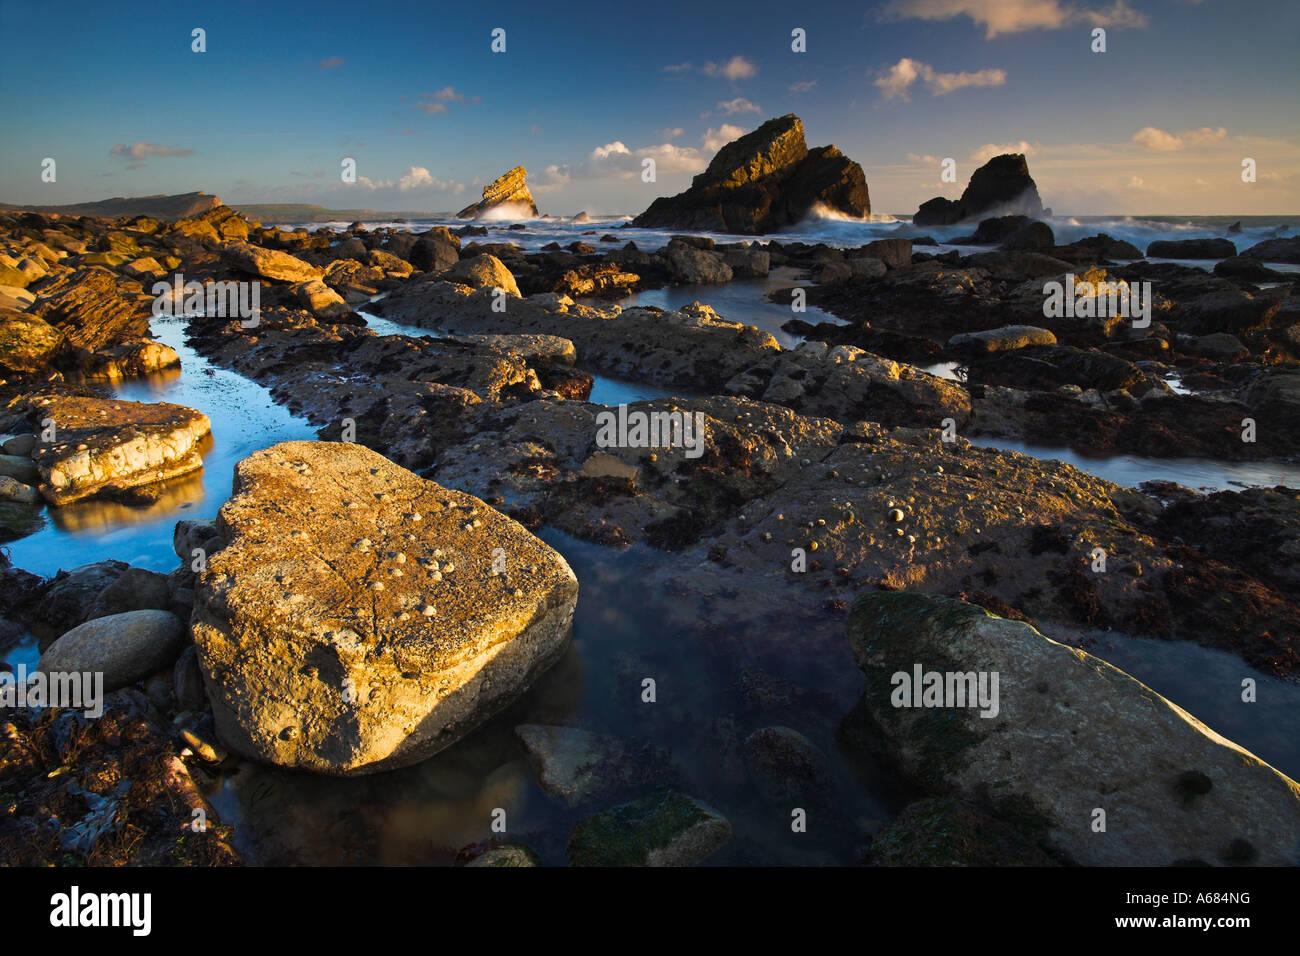 Am späten Nachmittag Sonne beleuchtet die Felsen von Mupe Bay, Dorset Stockfoto